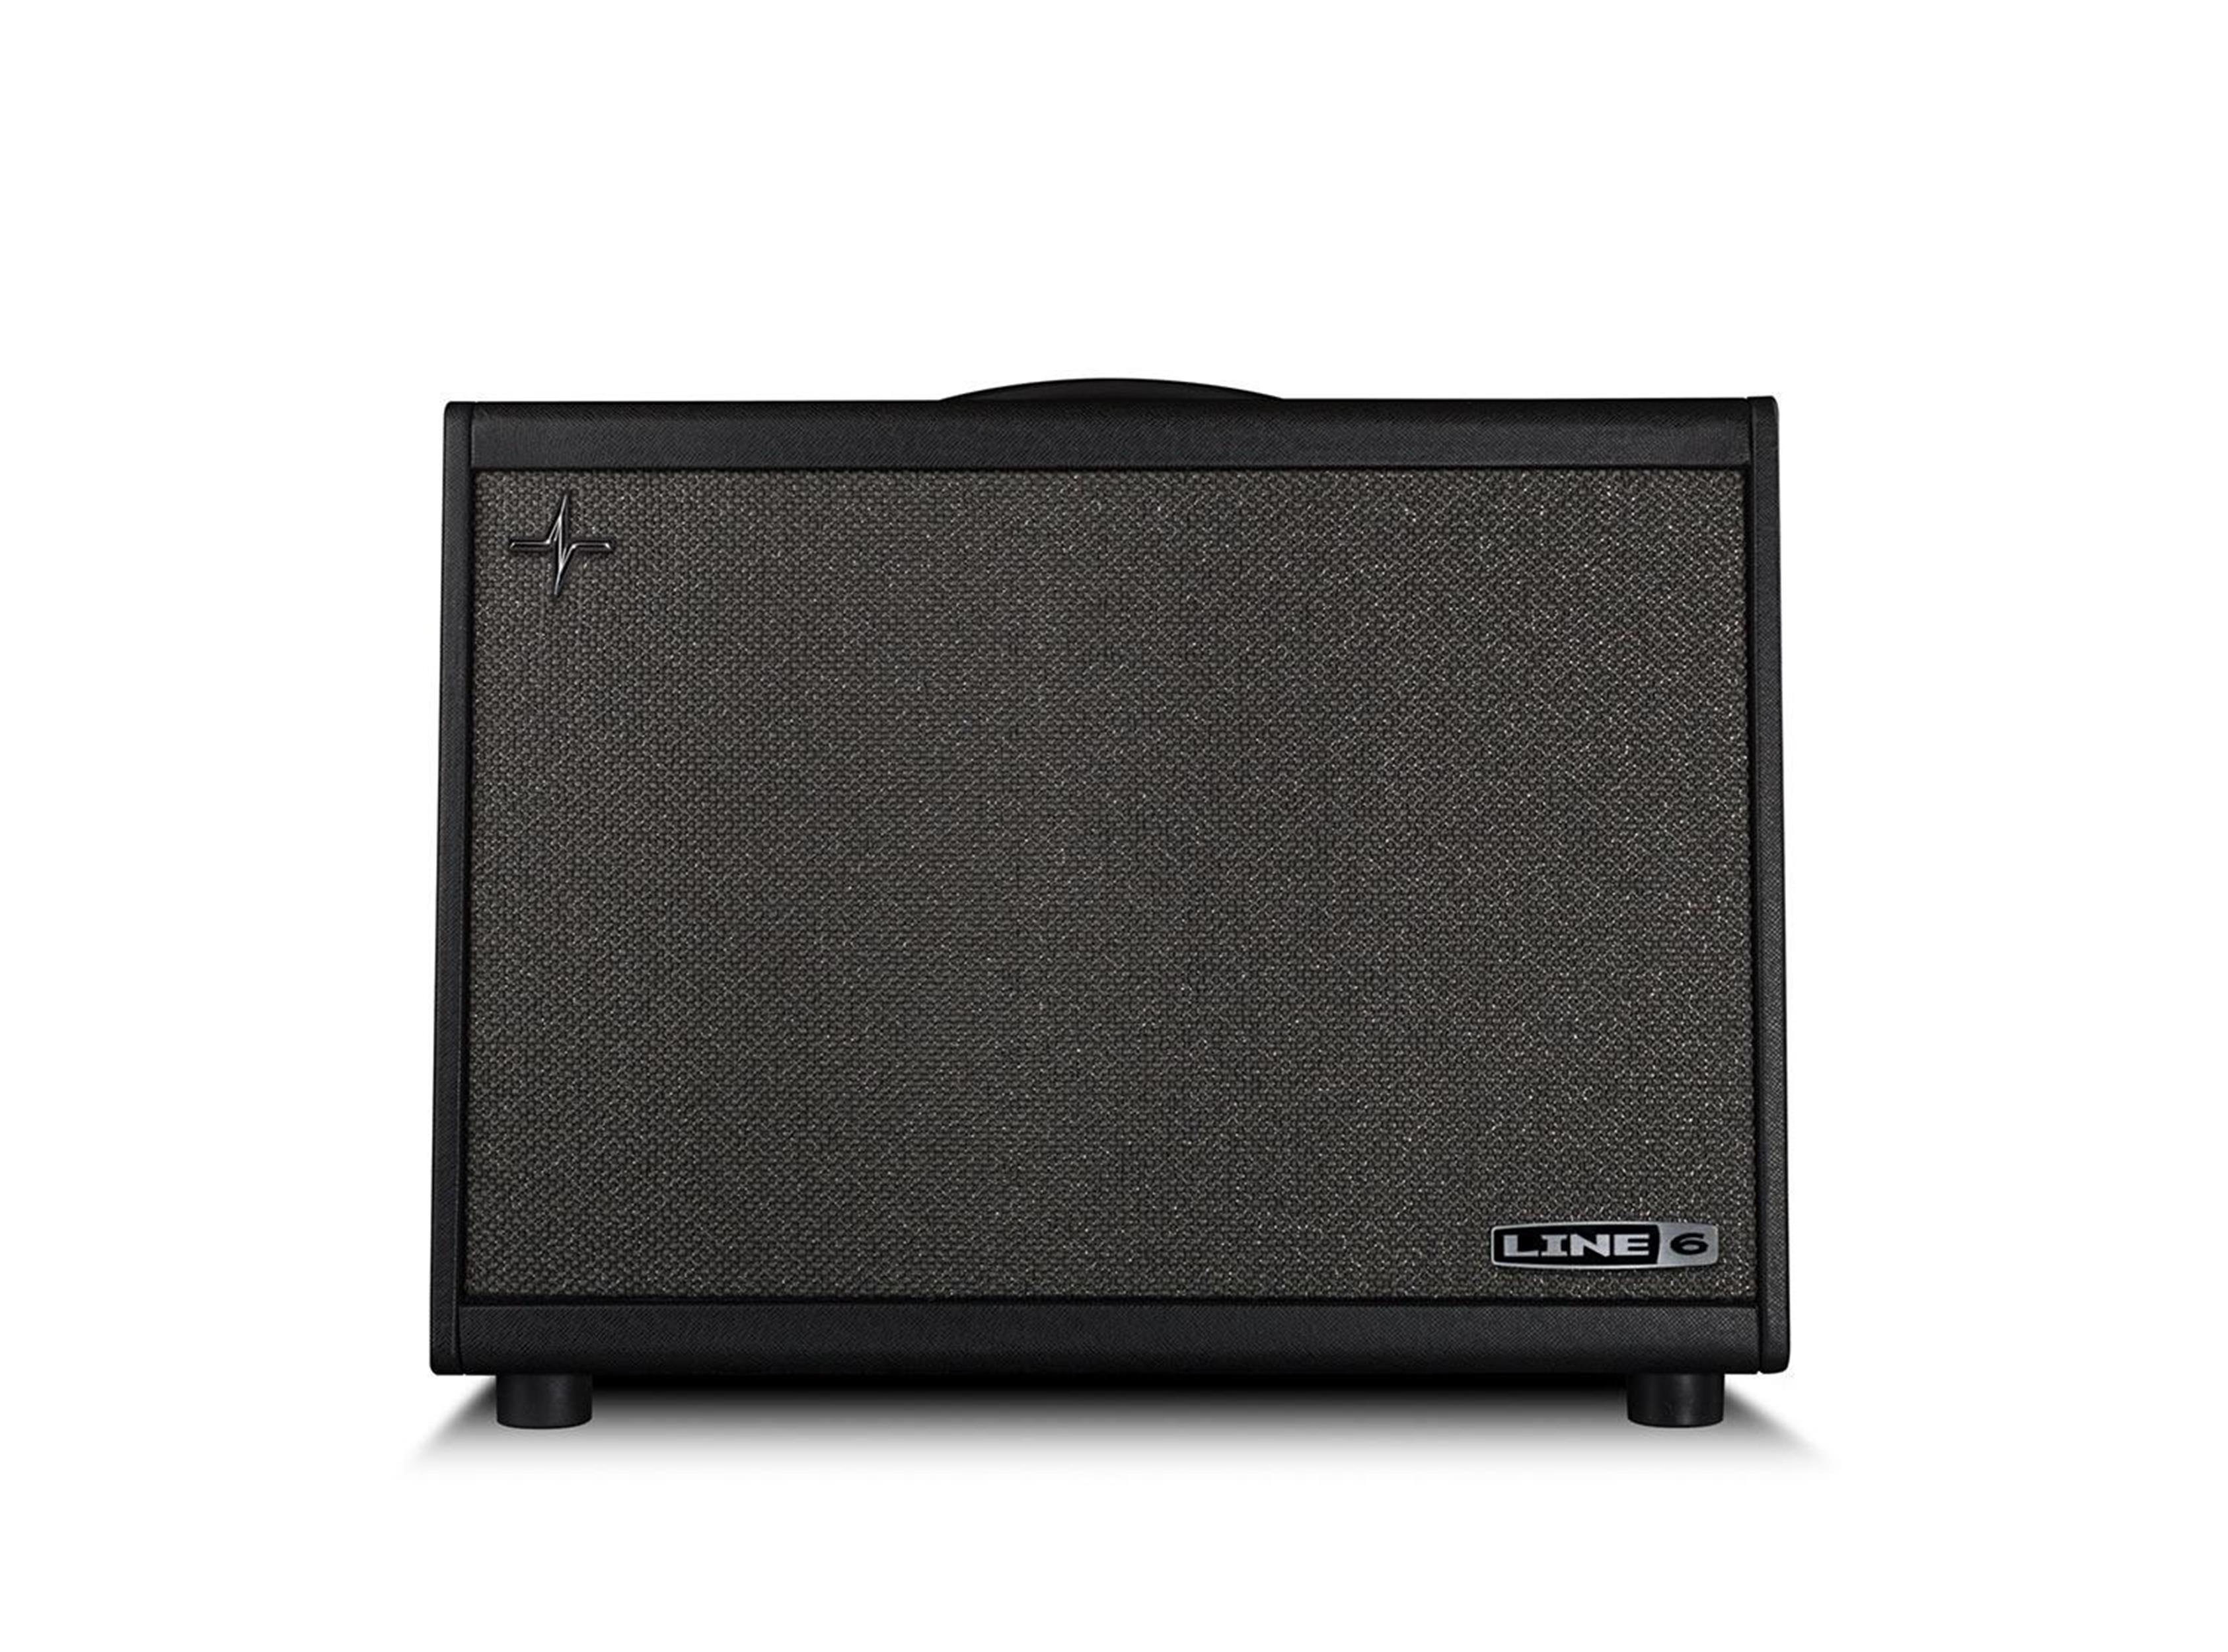 LINE6 POWERCAB 112 MODELER SPEAKER FRFR - Chitarre Amplificatori - Casse